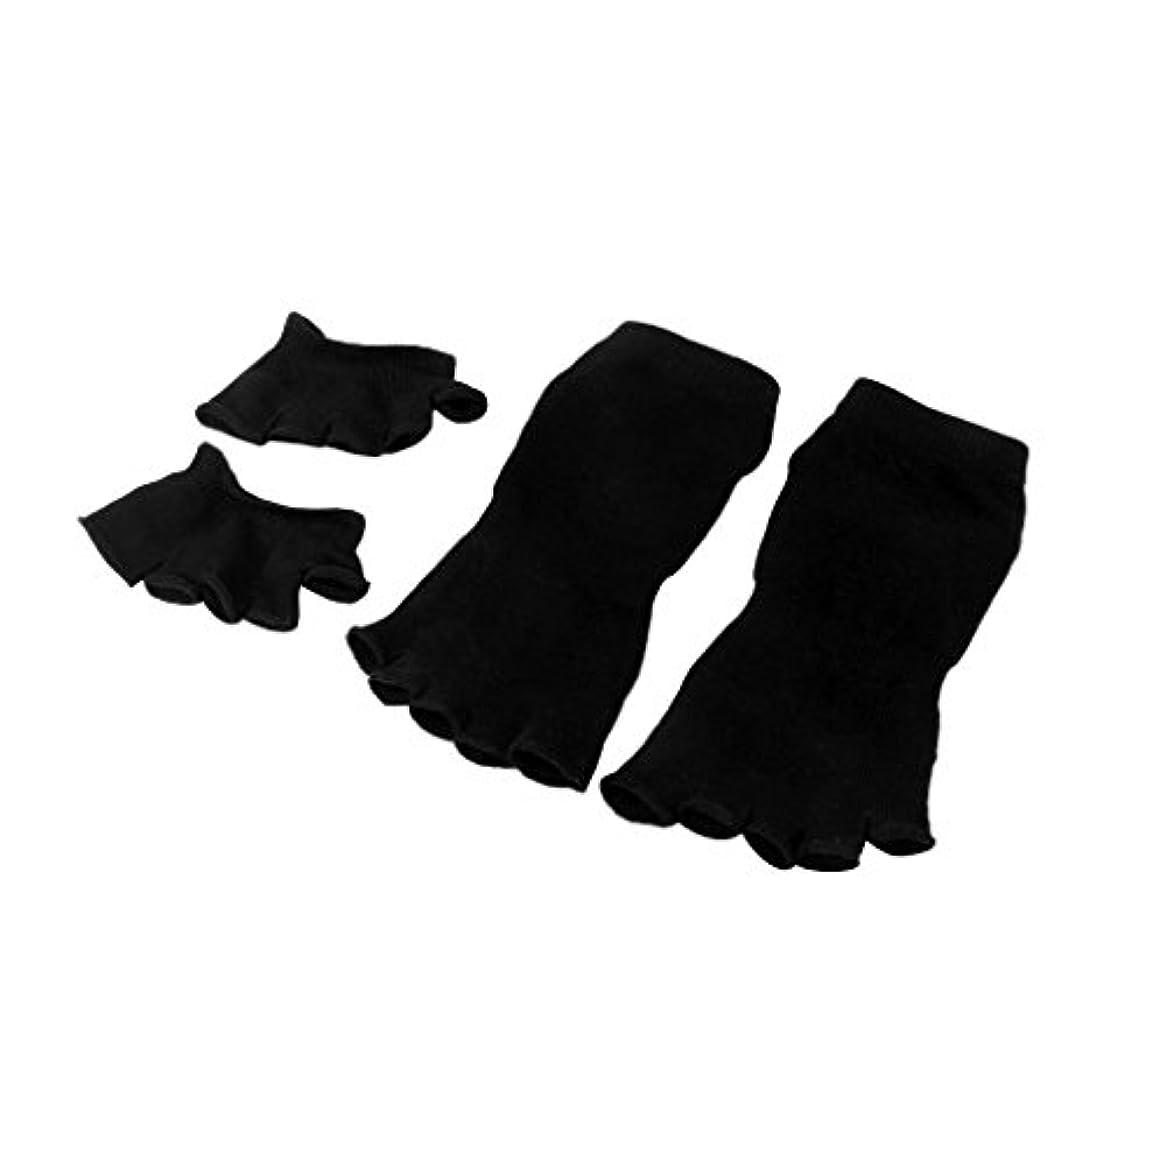 振動するアレイけん引【Footful】ソックス 靴下 5本指つま先ソックス+爽快指の間カバー 4枚組 黒